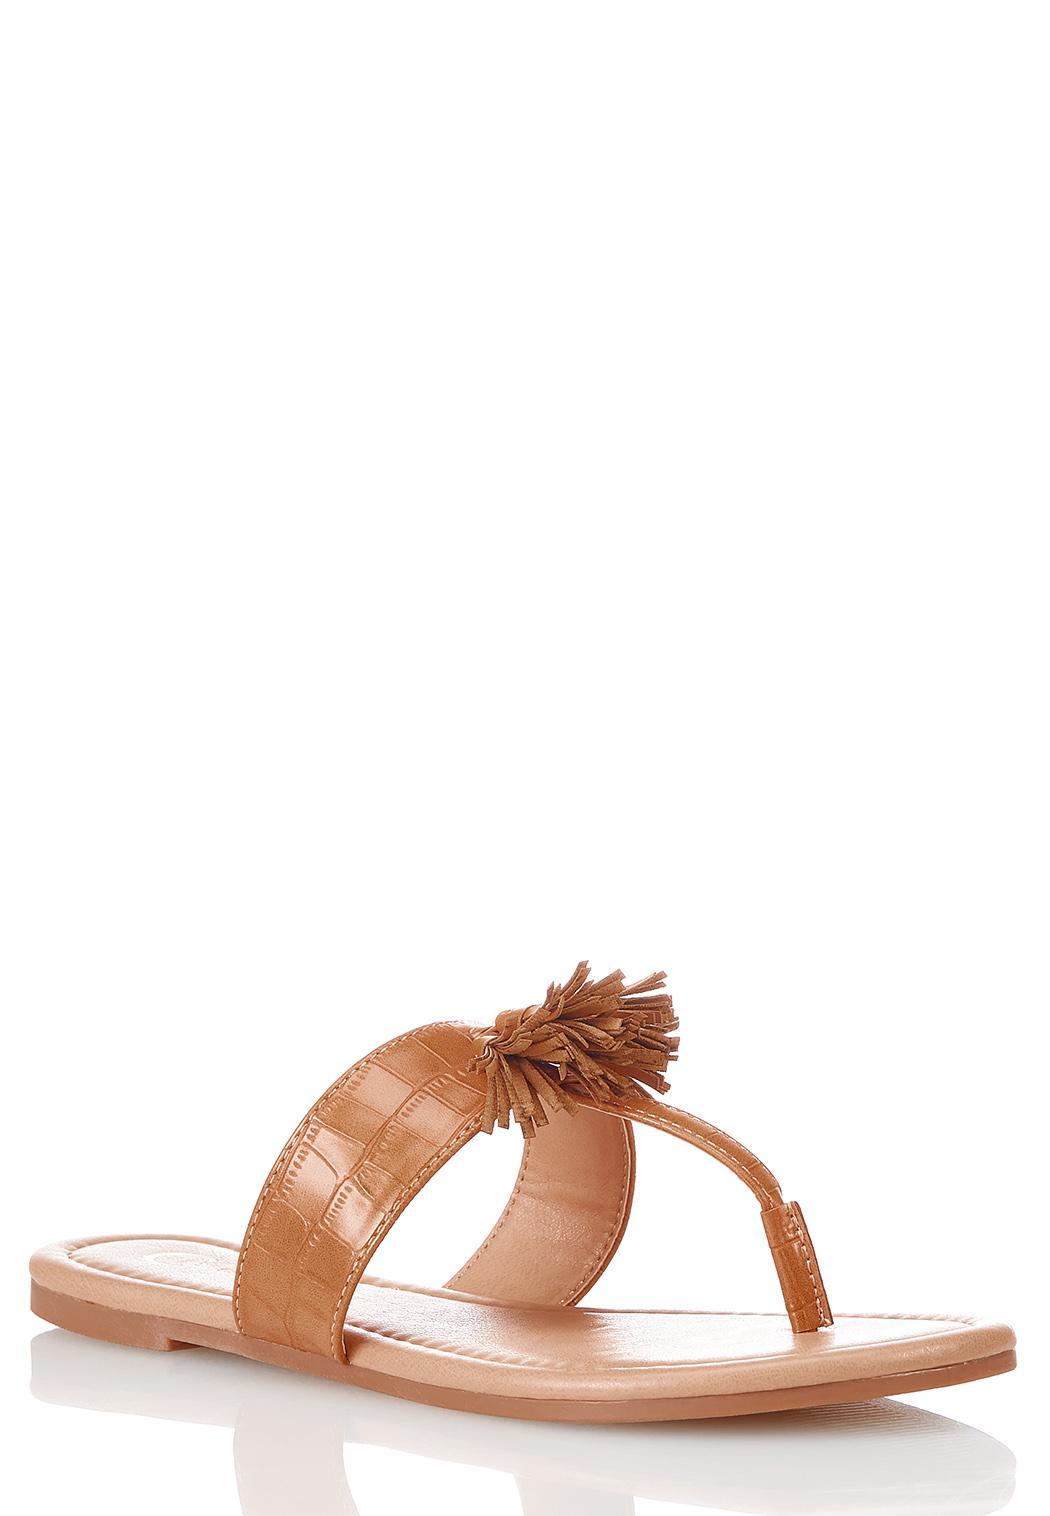 Croc Tasseled Thong Sandals